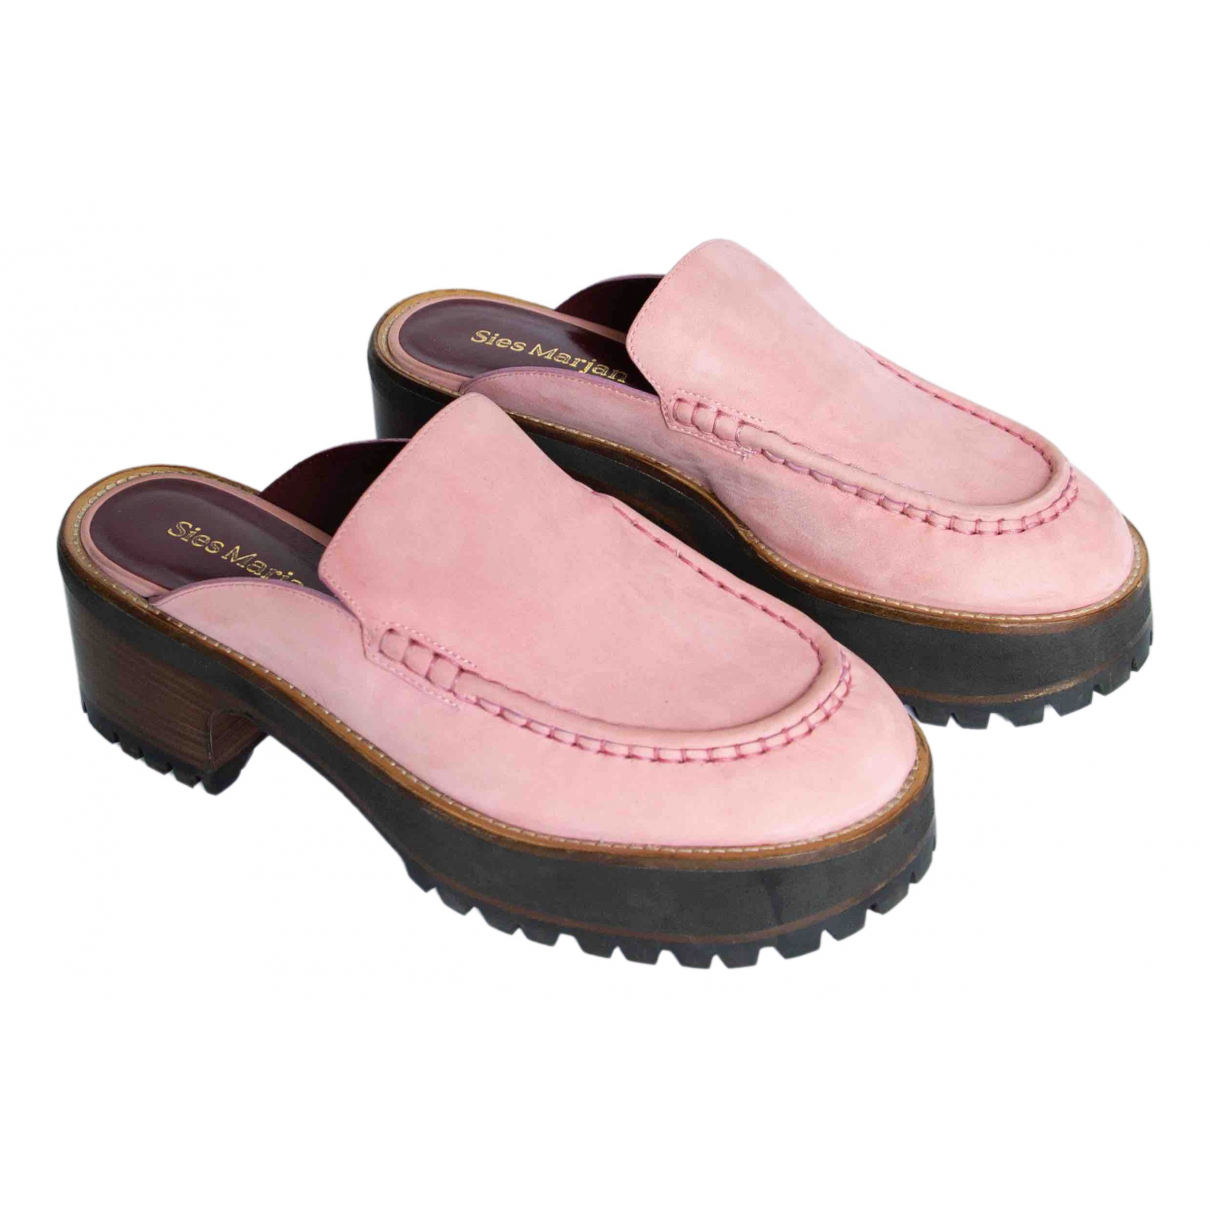 Sies Marjan \N Pink Suede Mules & Clogs for Women 40 EU